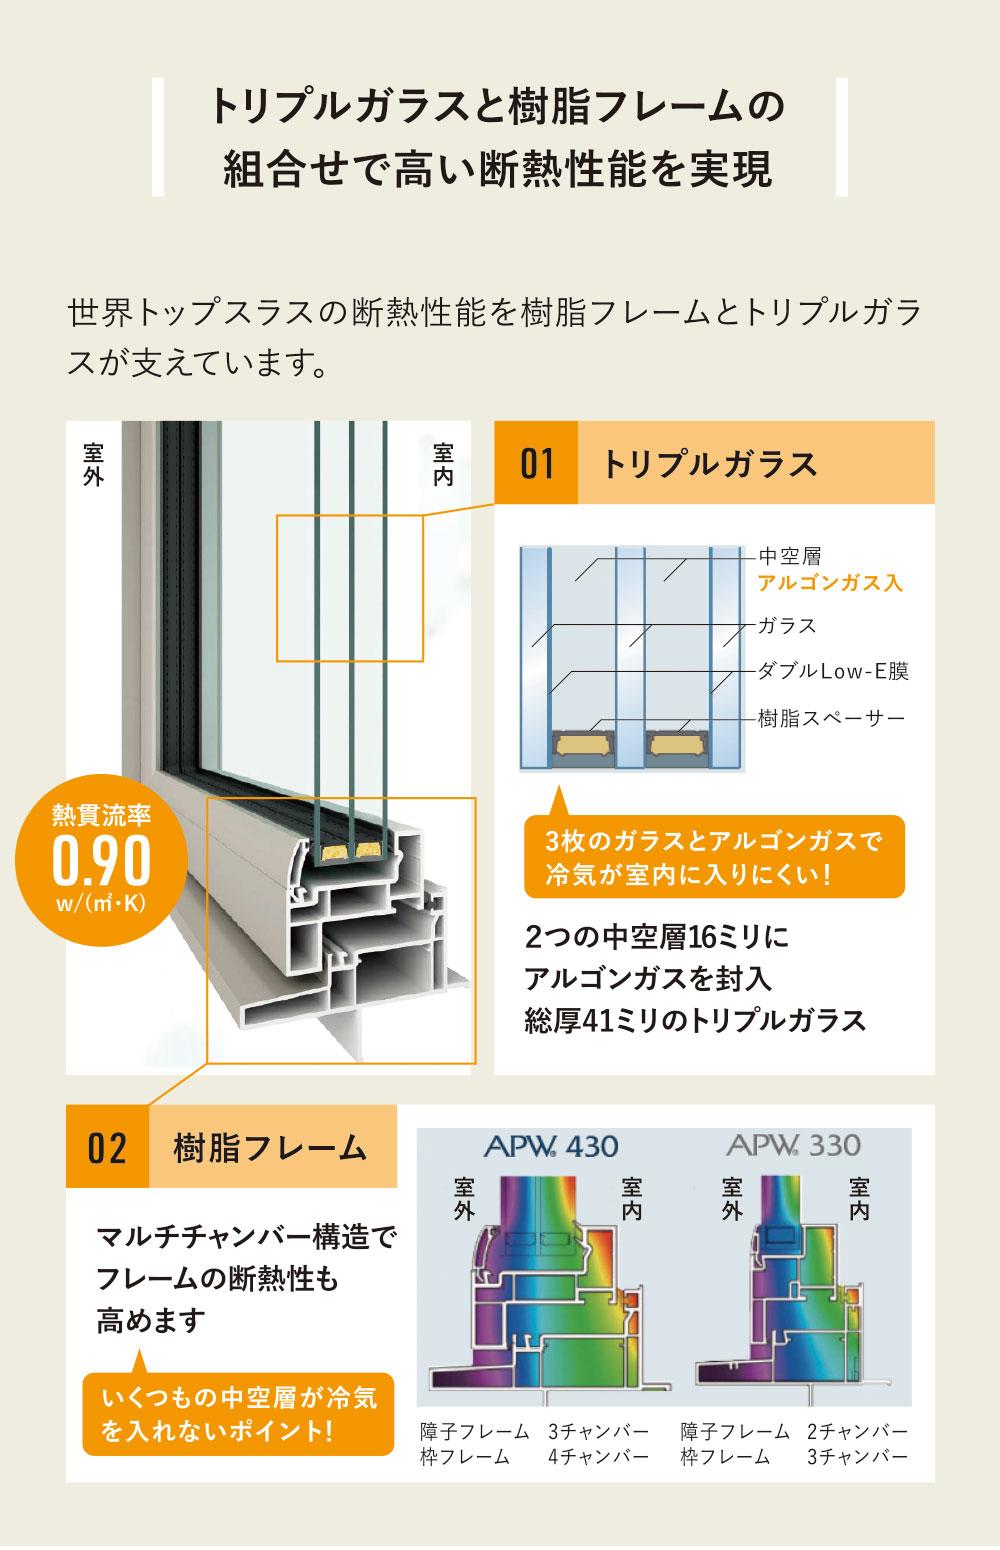 トリプルがラスト樹脂フレームの組み合わせで高い断熱性能を実現